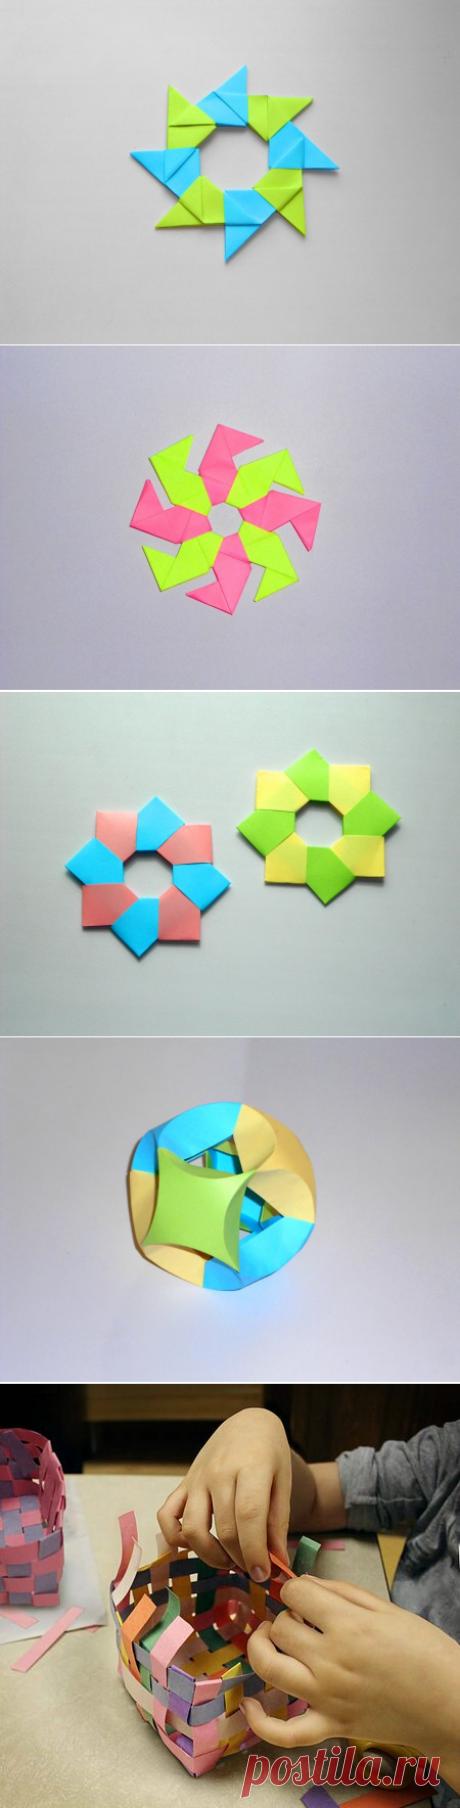 El origami la estrella del papel. Modular el origami